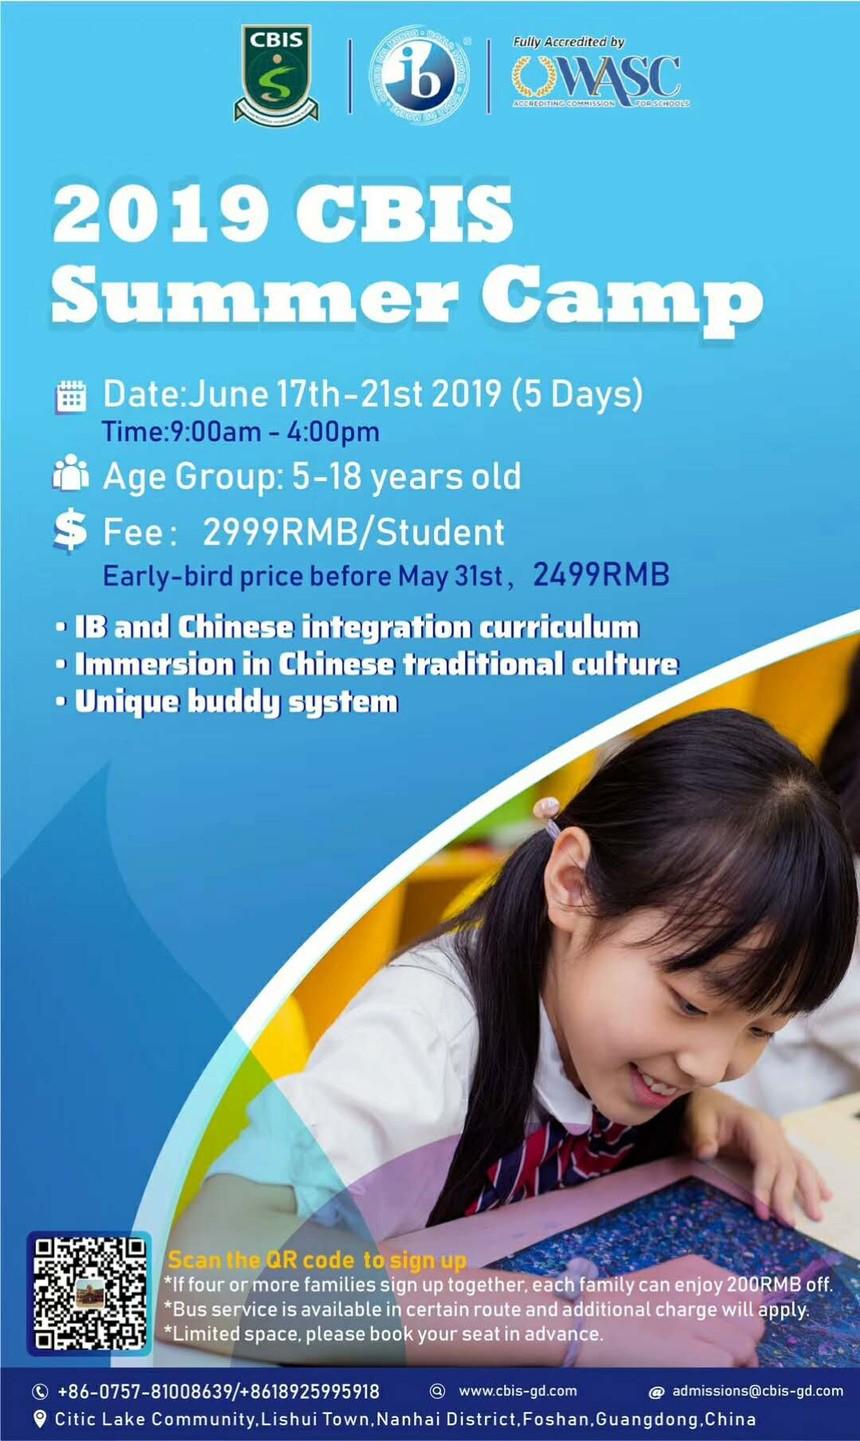 2019 CBIS Summer Camp